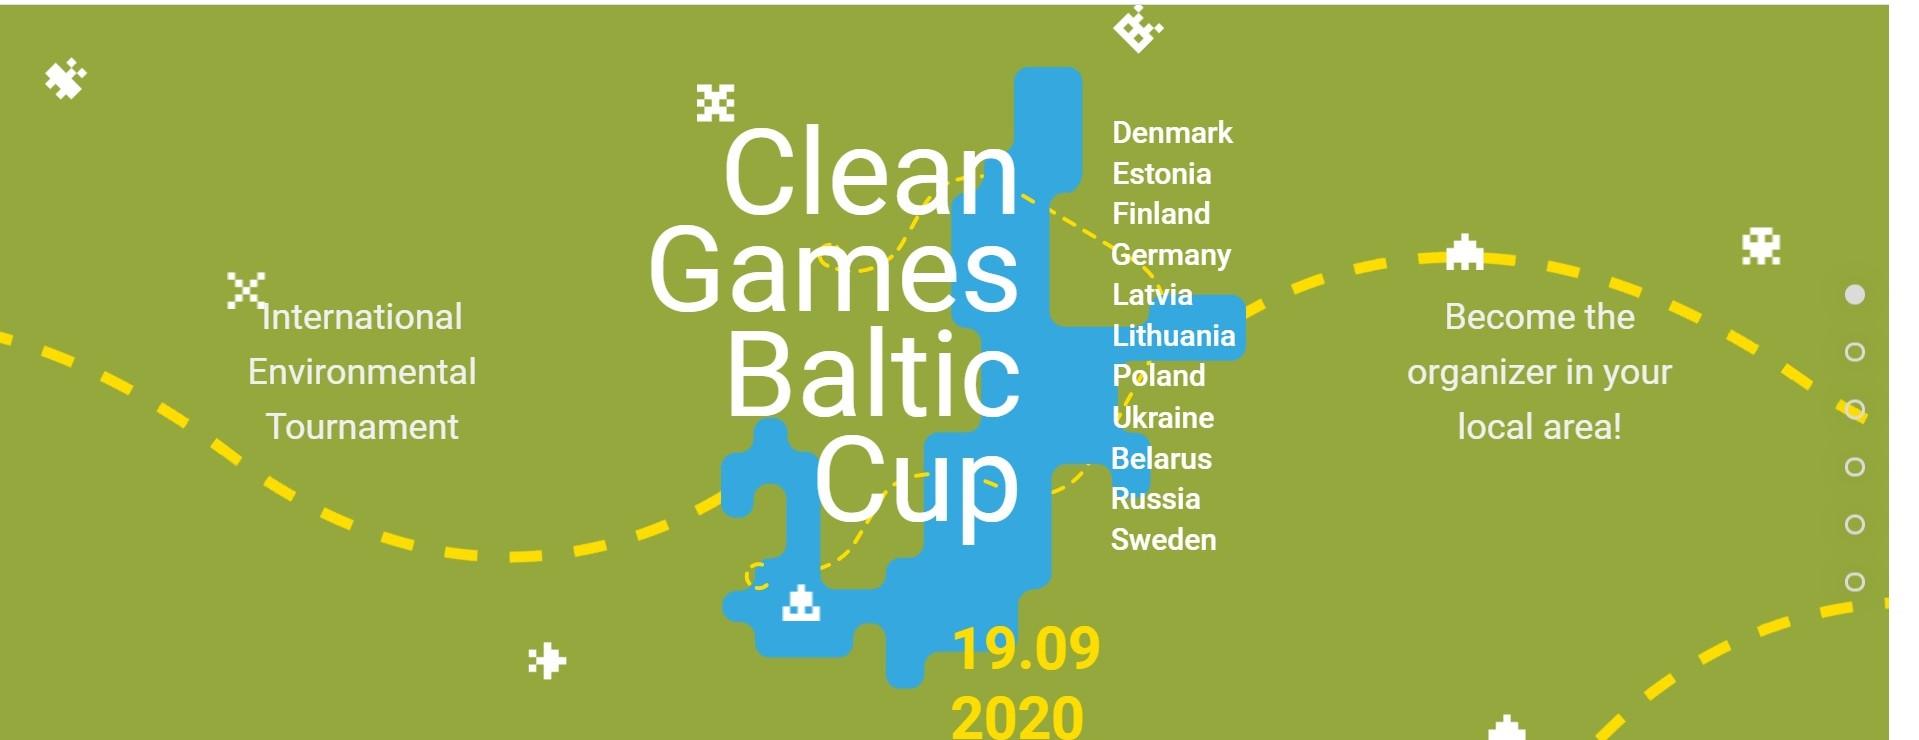 """""""Clean Games Baltic Cup"""" - dołącz do międzynarodowego turnieju ekologicznego!"""